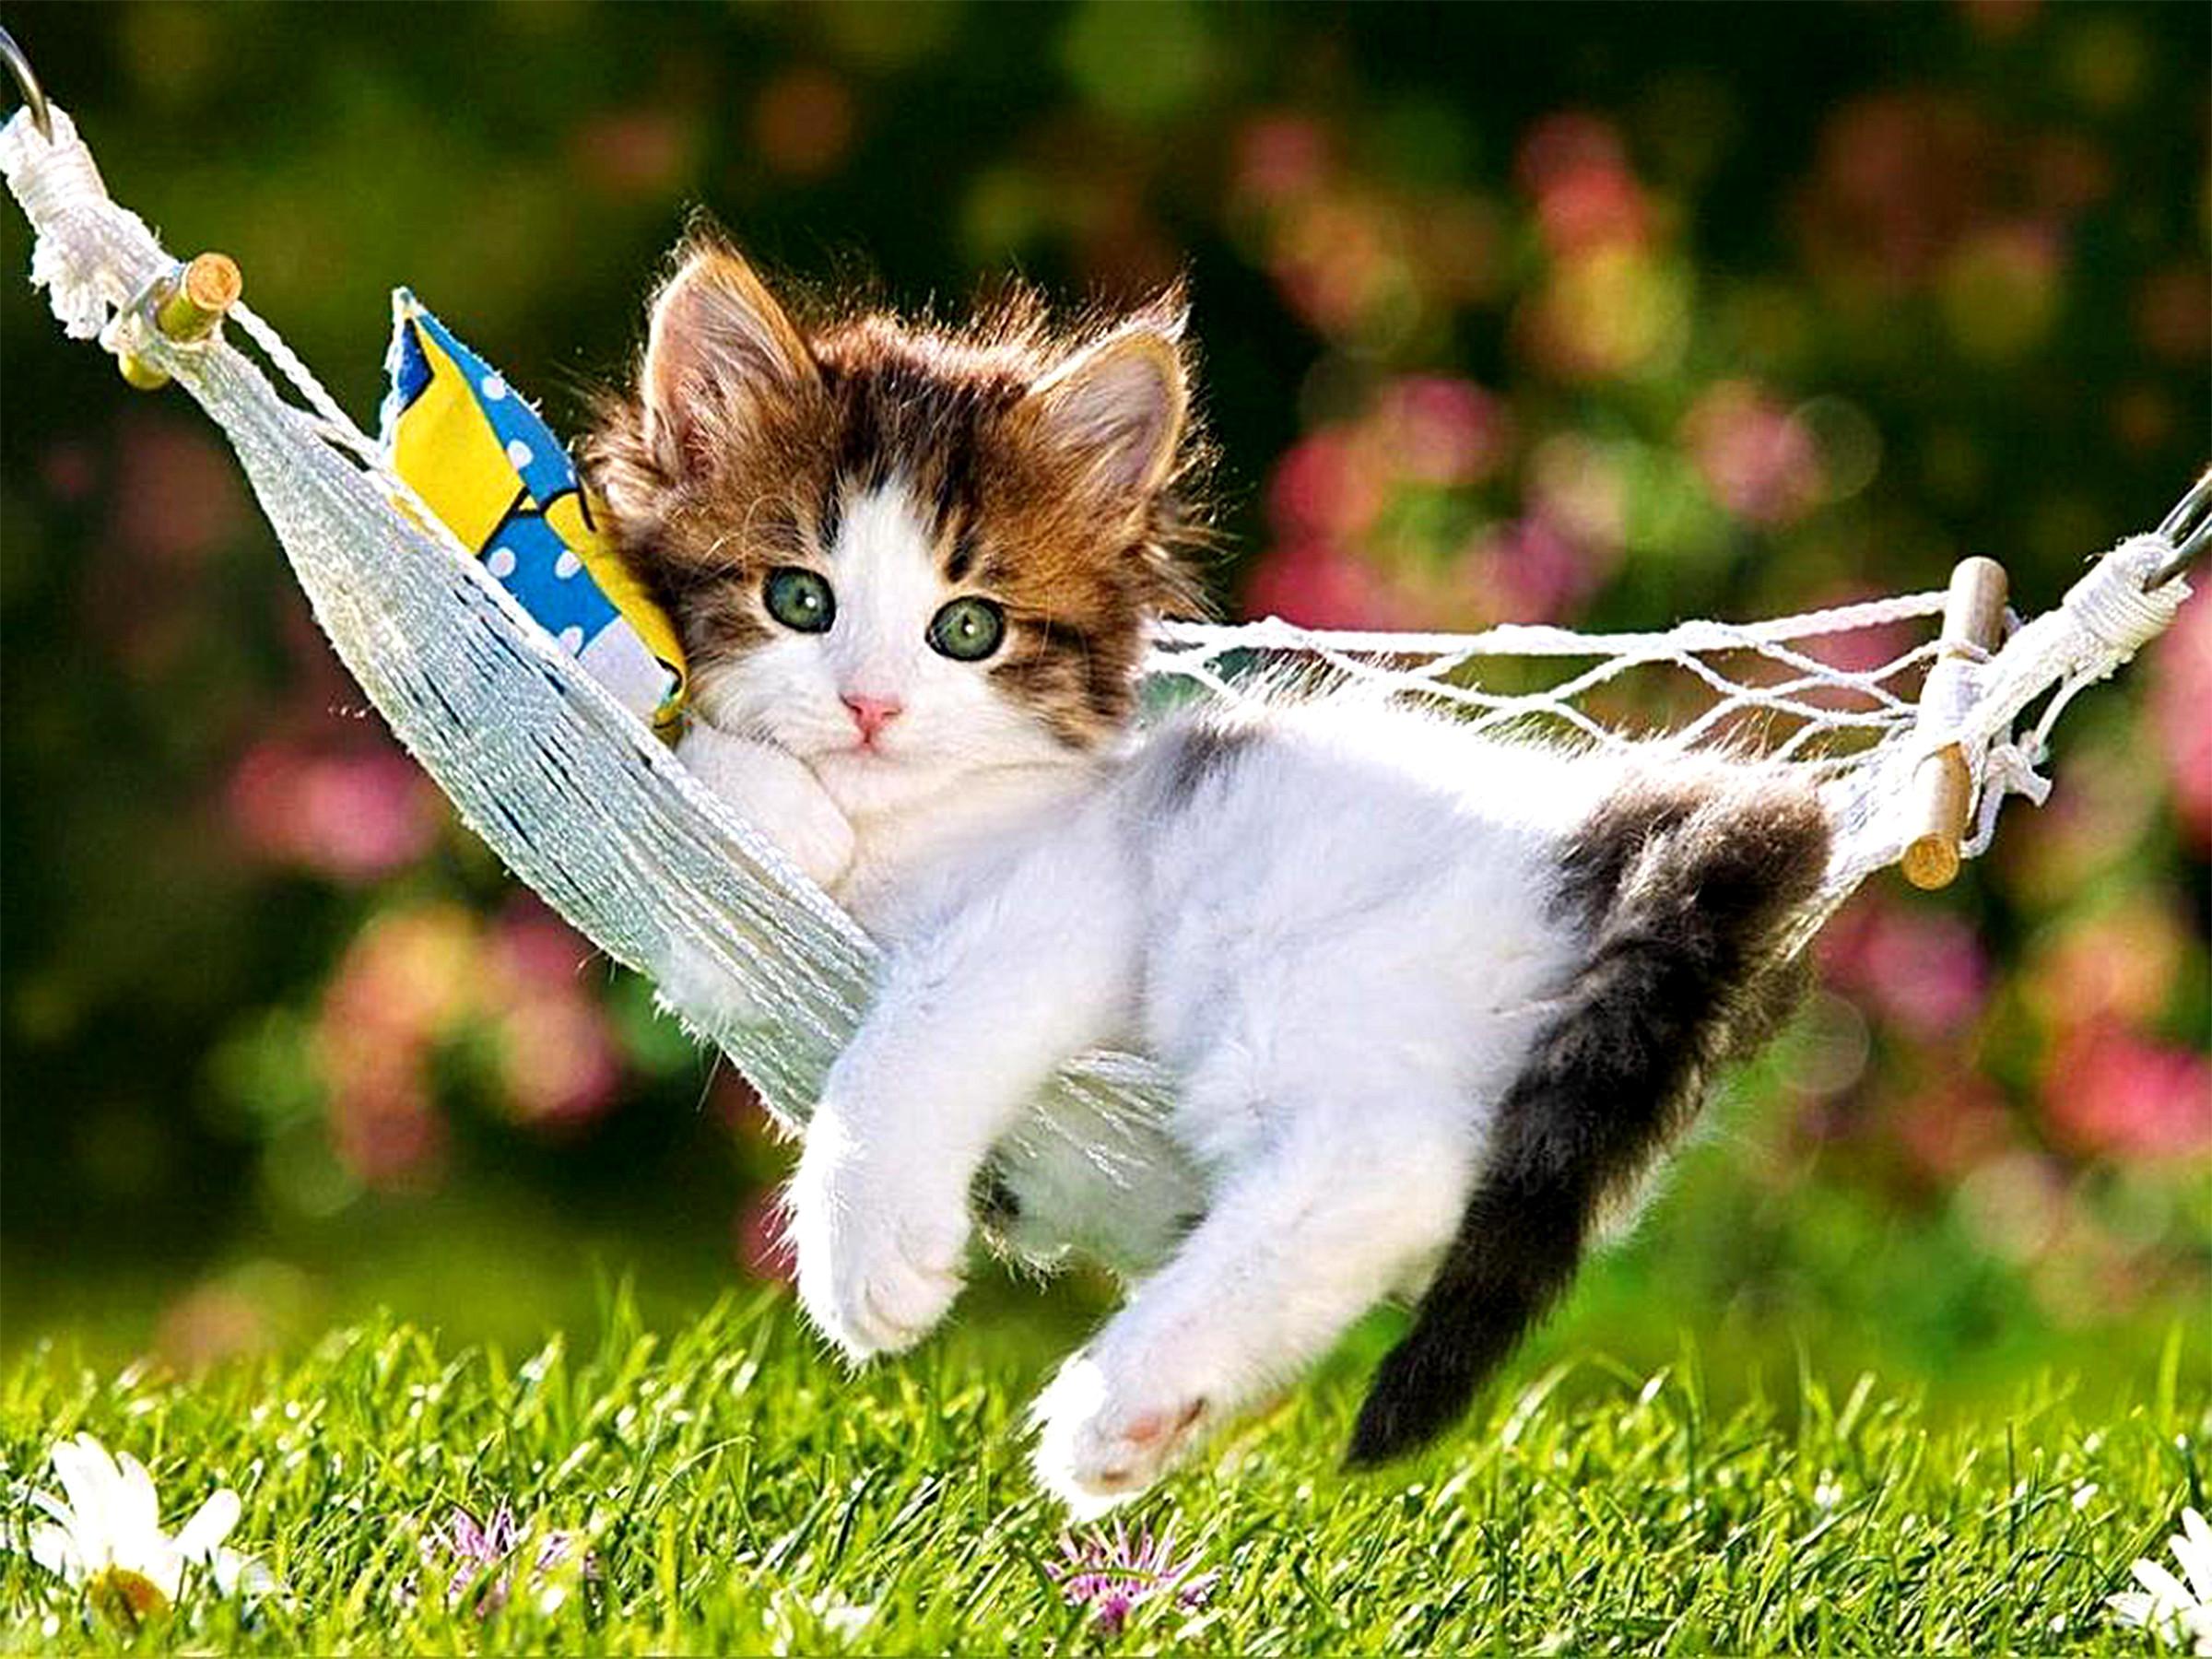 Baby Kitten Wallpaper ·â'